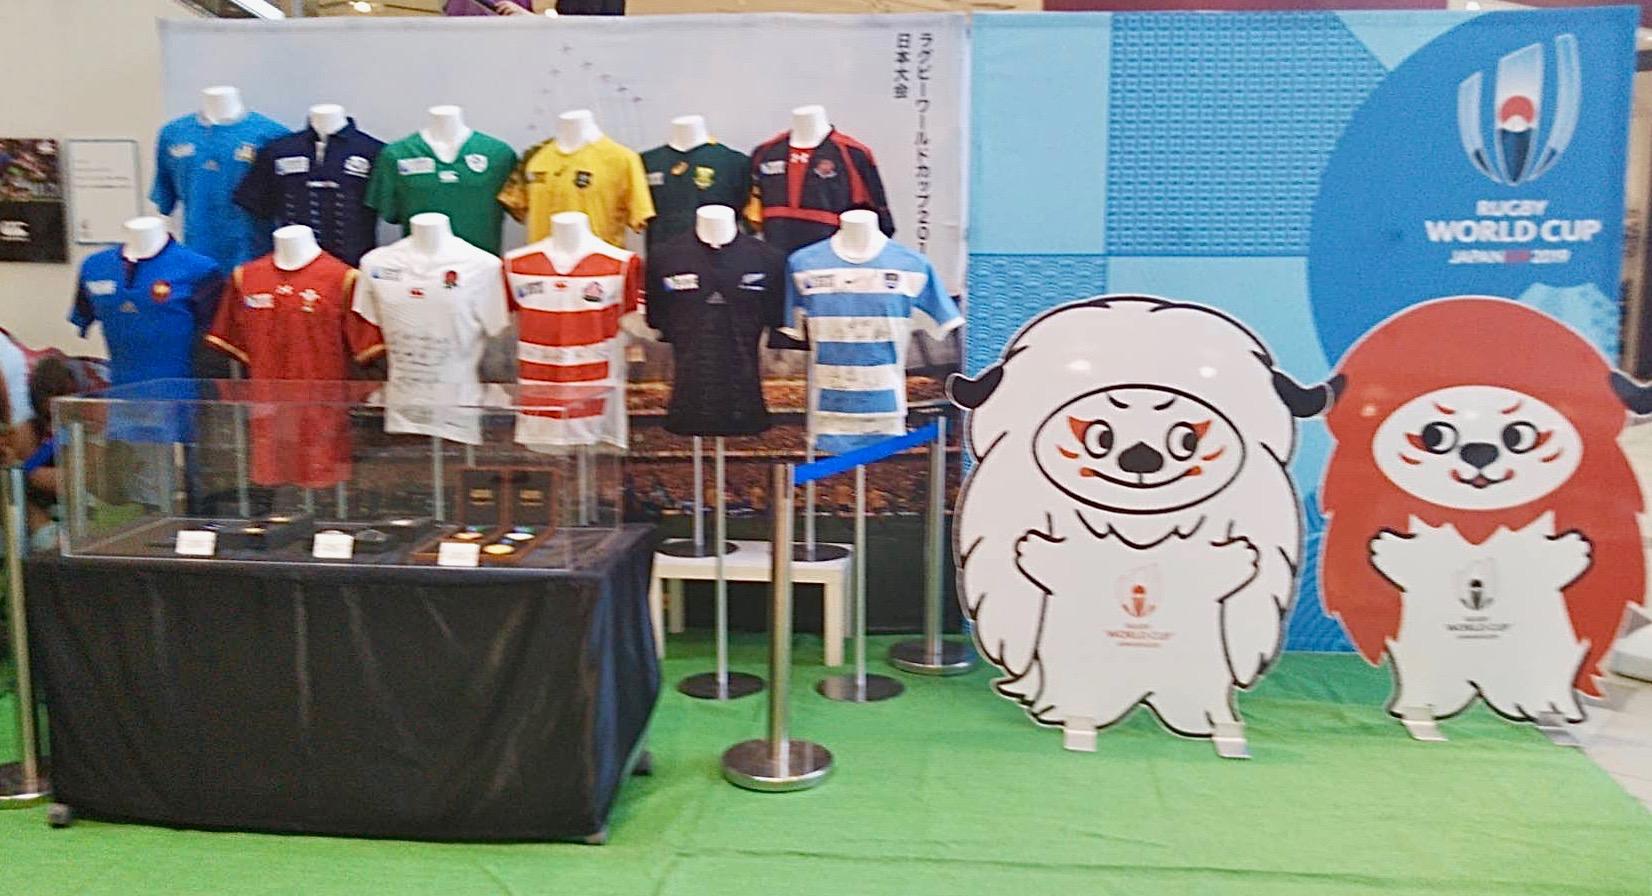 さいたま新都心にてラグビーワールドカップ2019™イベント開催!